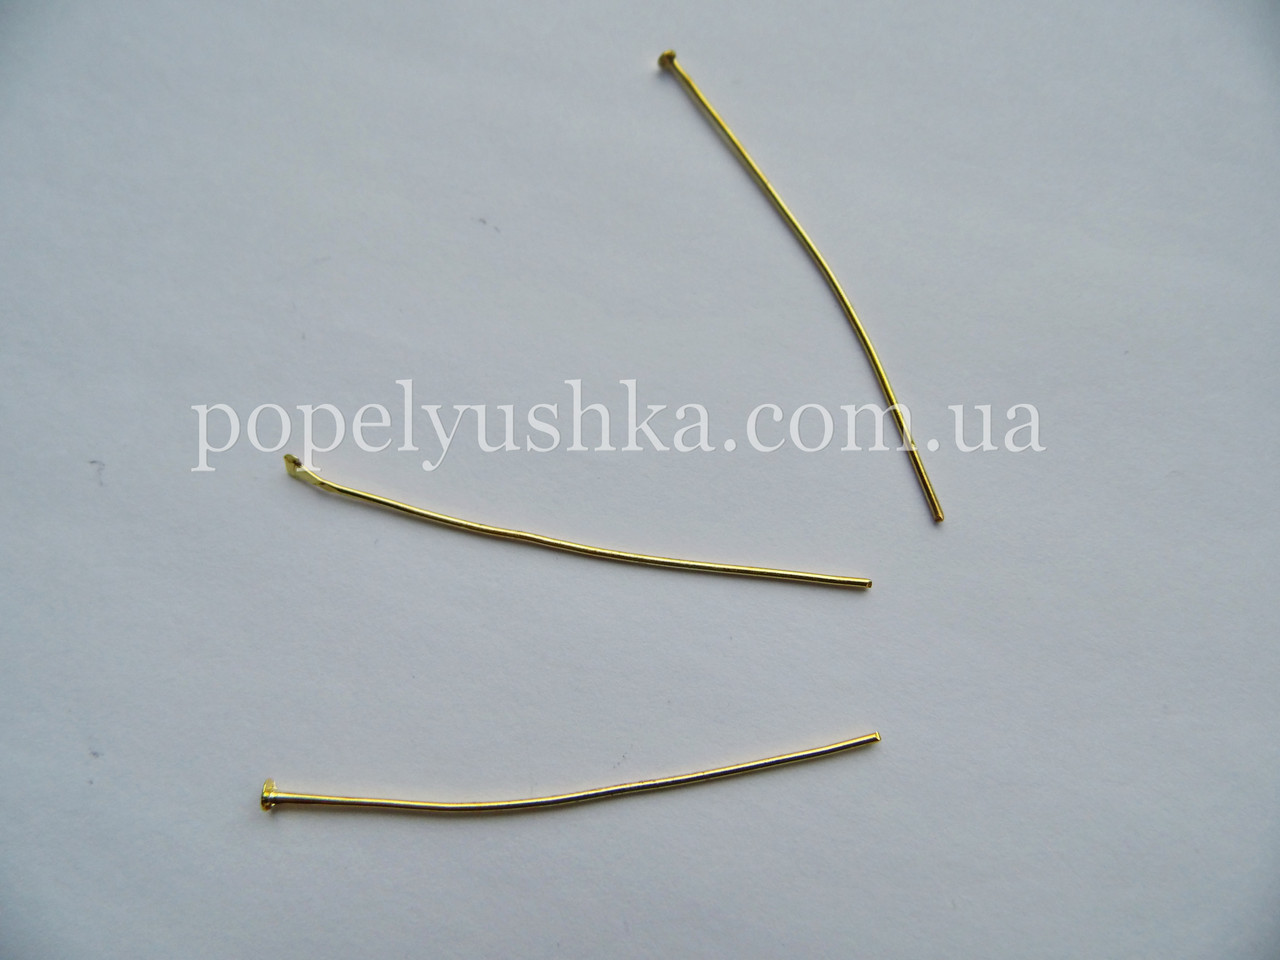 Булавка з плоскою шляпкою 3 см Золото (5 шт)